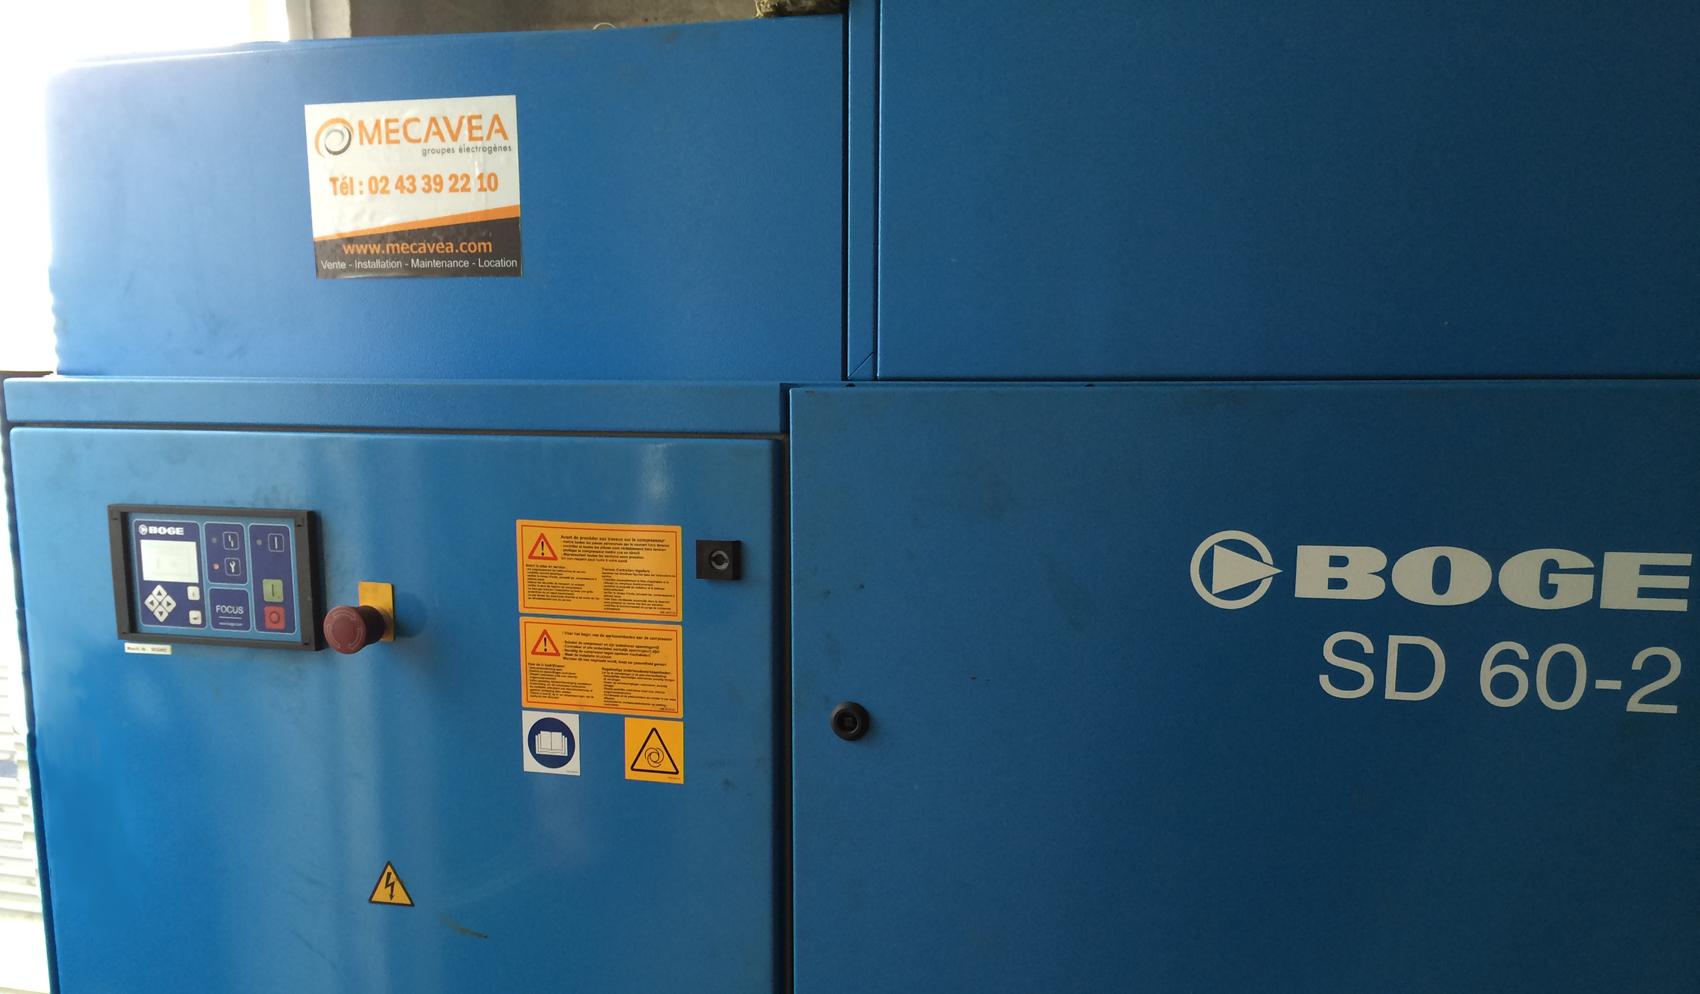 Compresseur d'air MECAVEA en Sarthe 72 Vente et maintenance